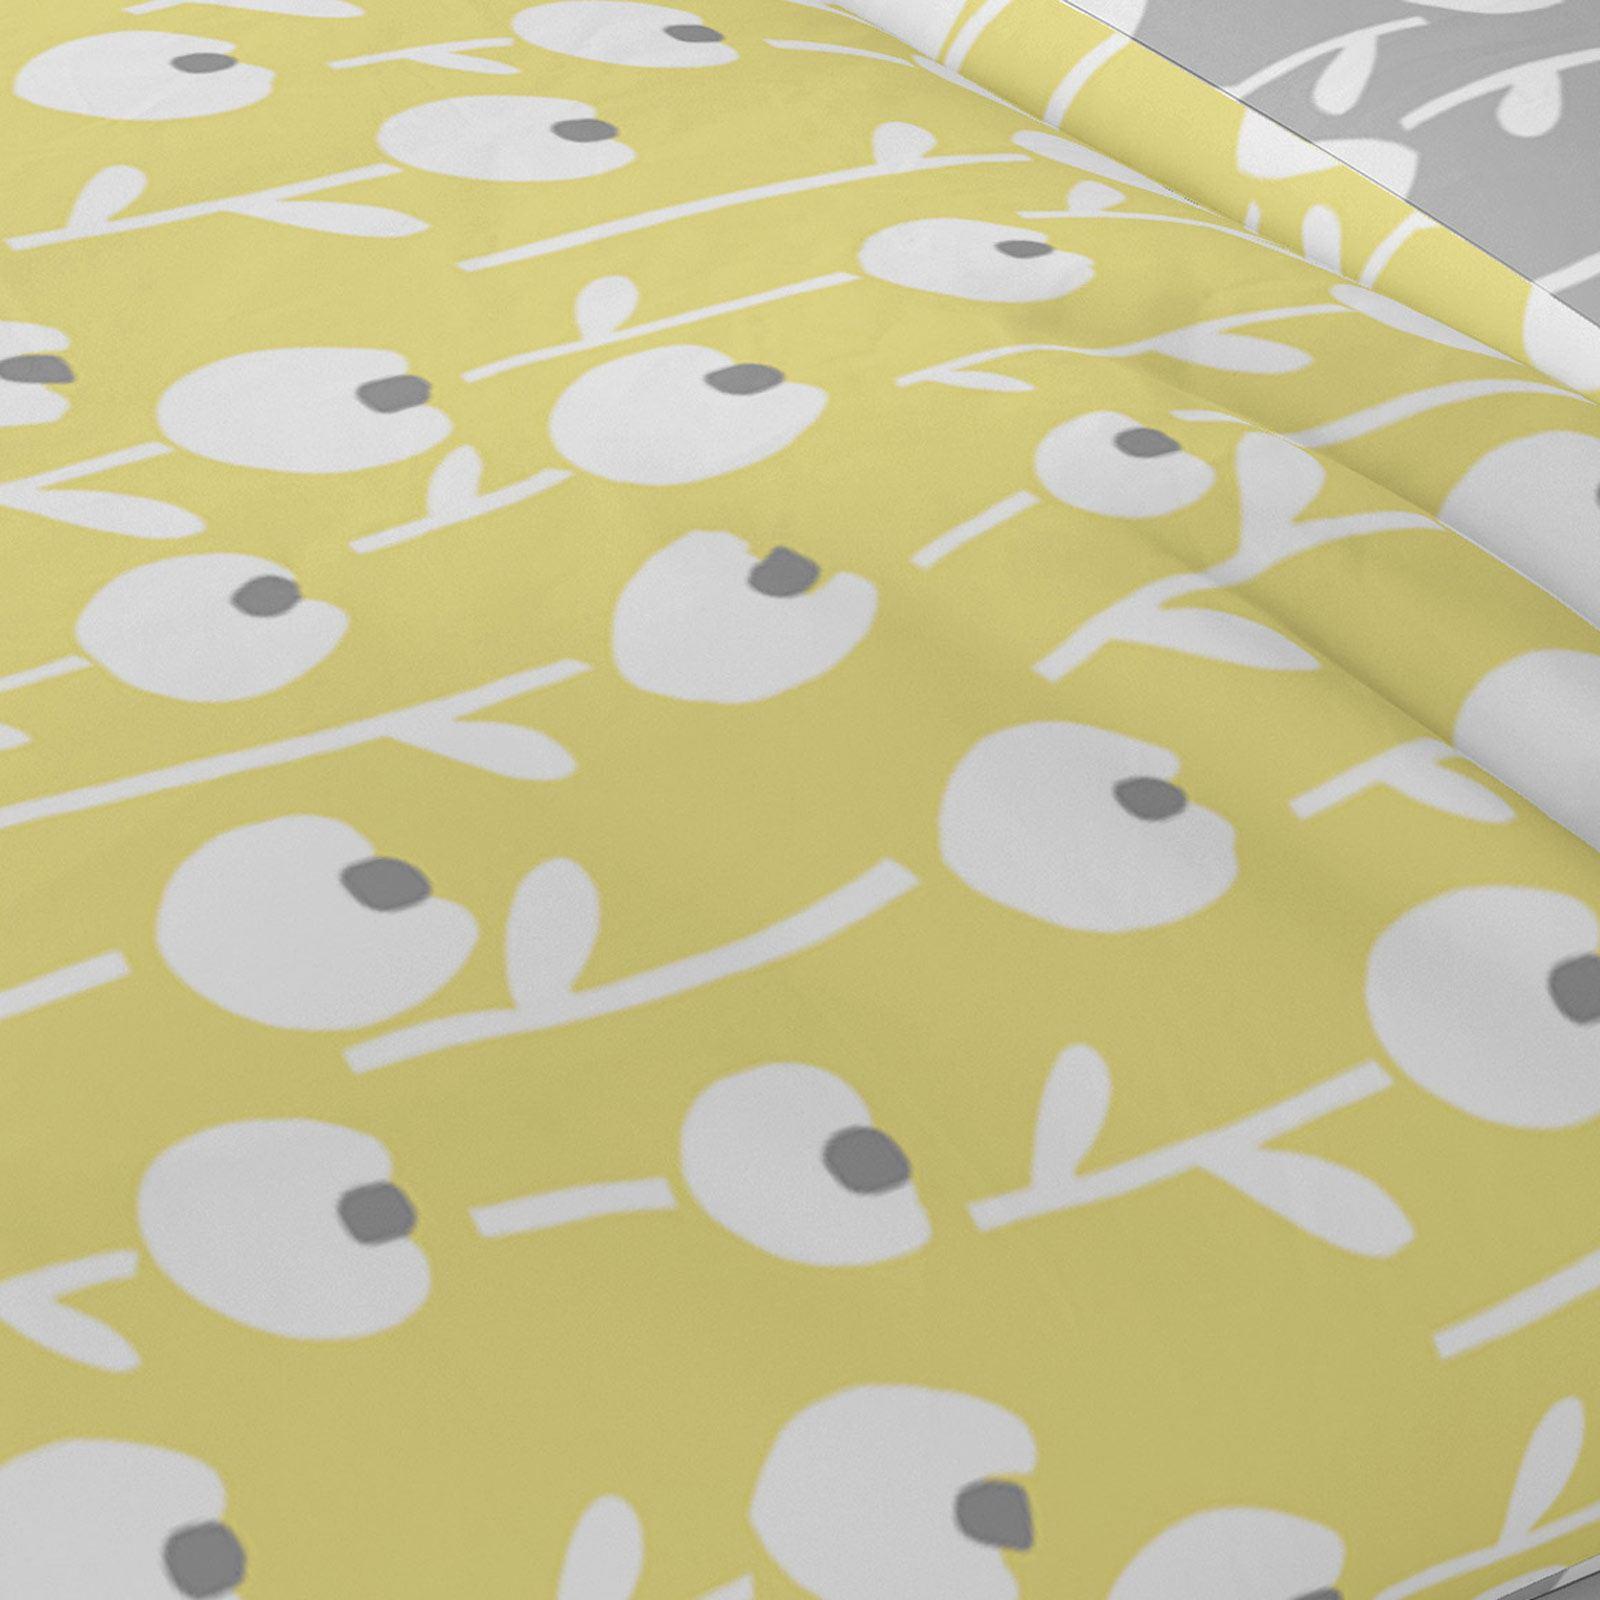 Mostaza-amarillo-ocre-Funda-de-edredon-impreso-Edredon-juego-ropa-de-cama-cubre-conjuntos miniatura 3